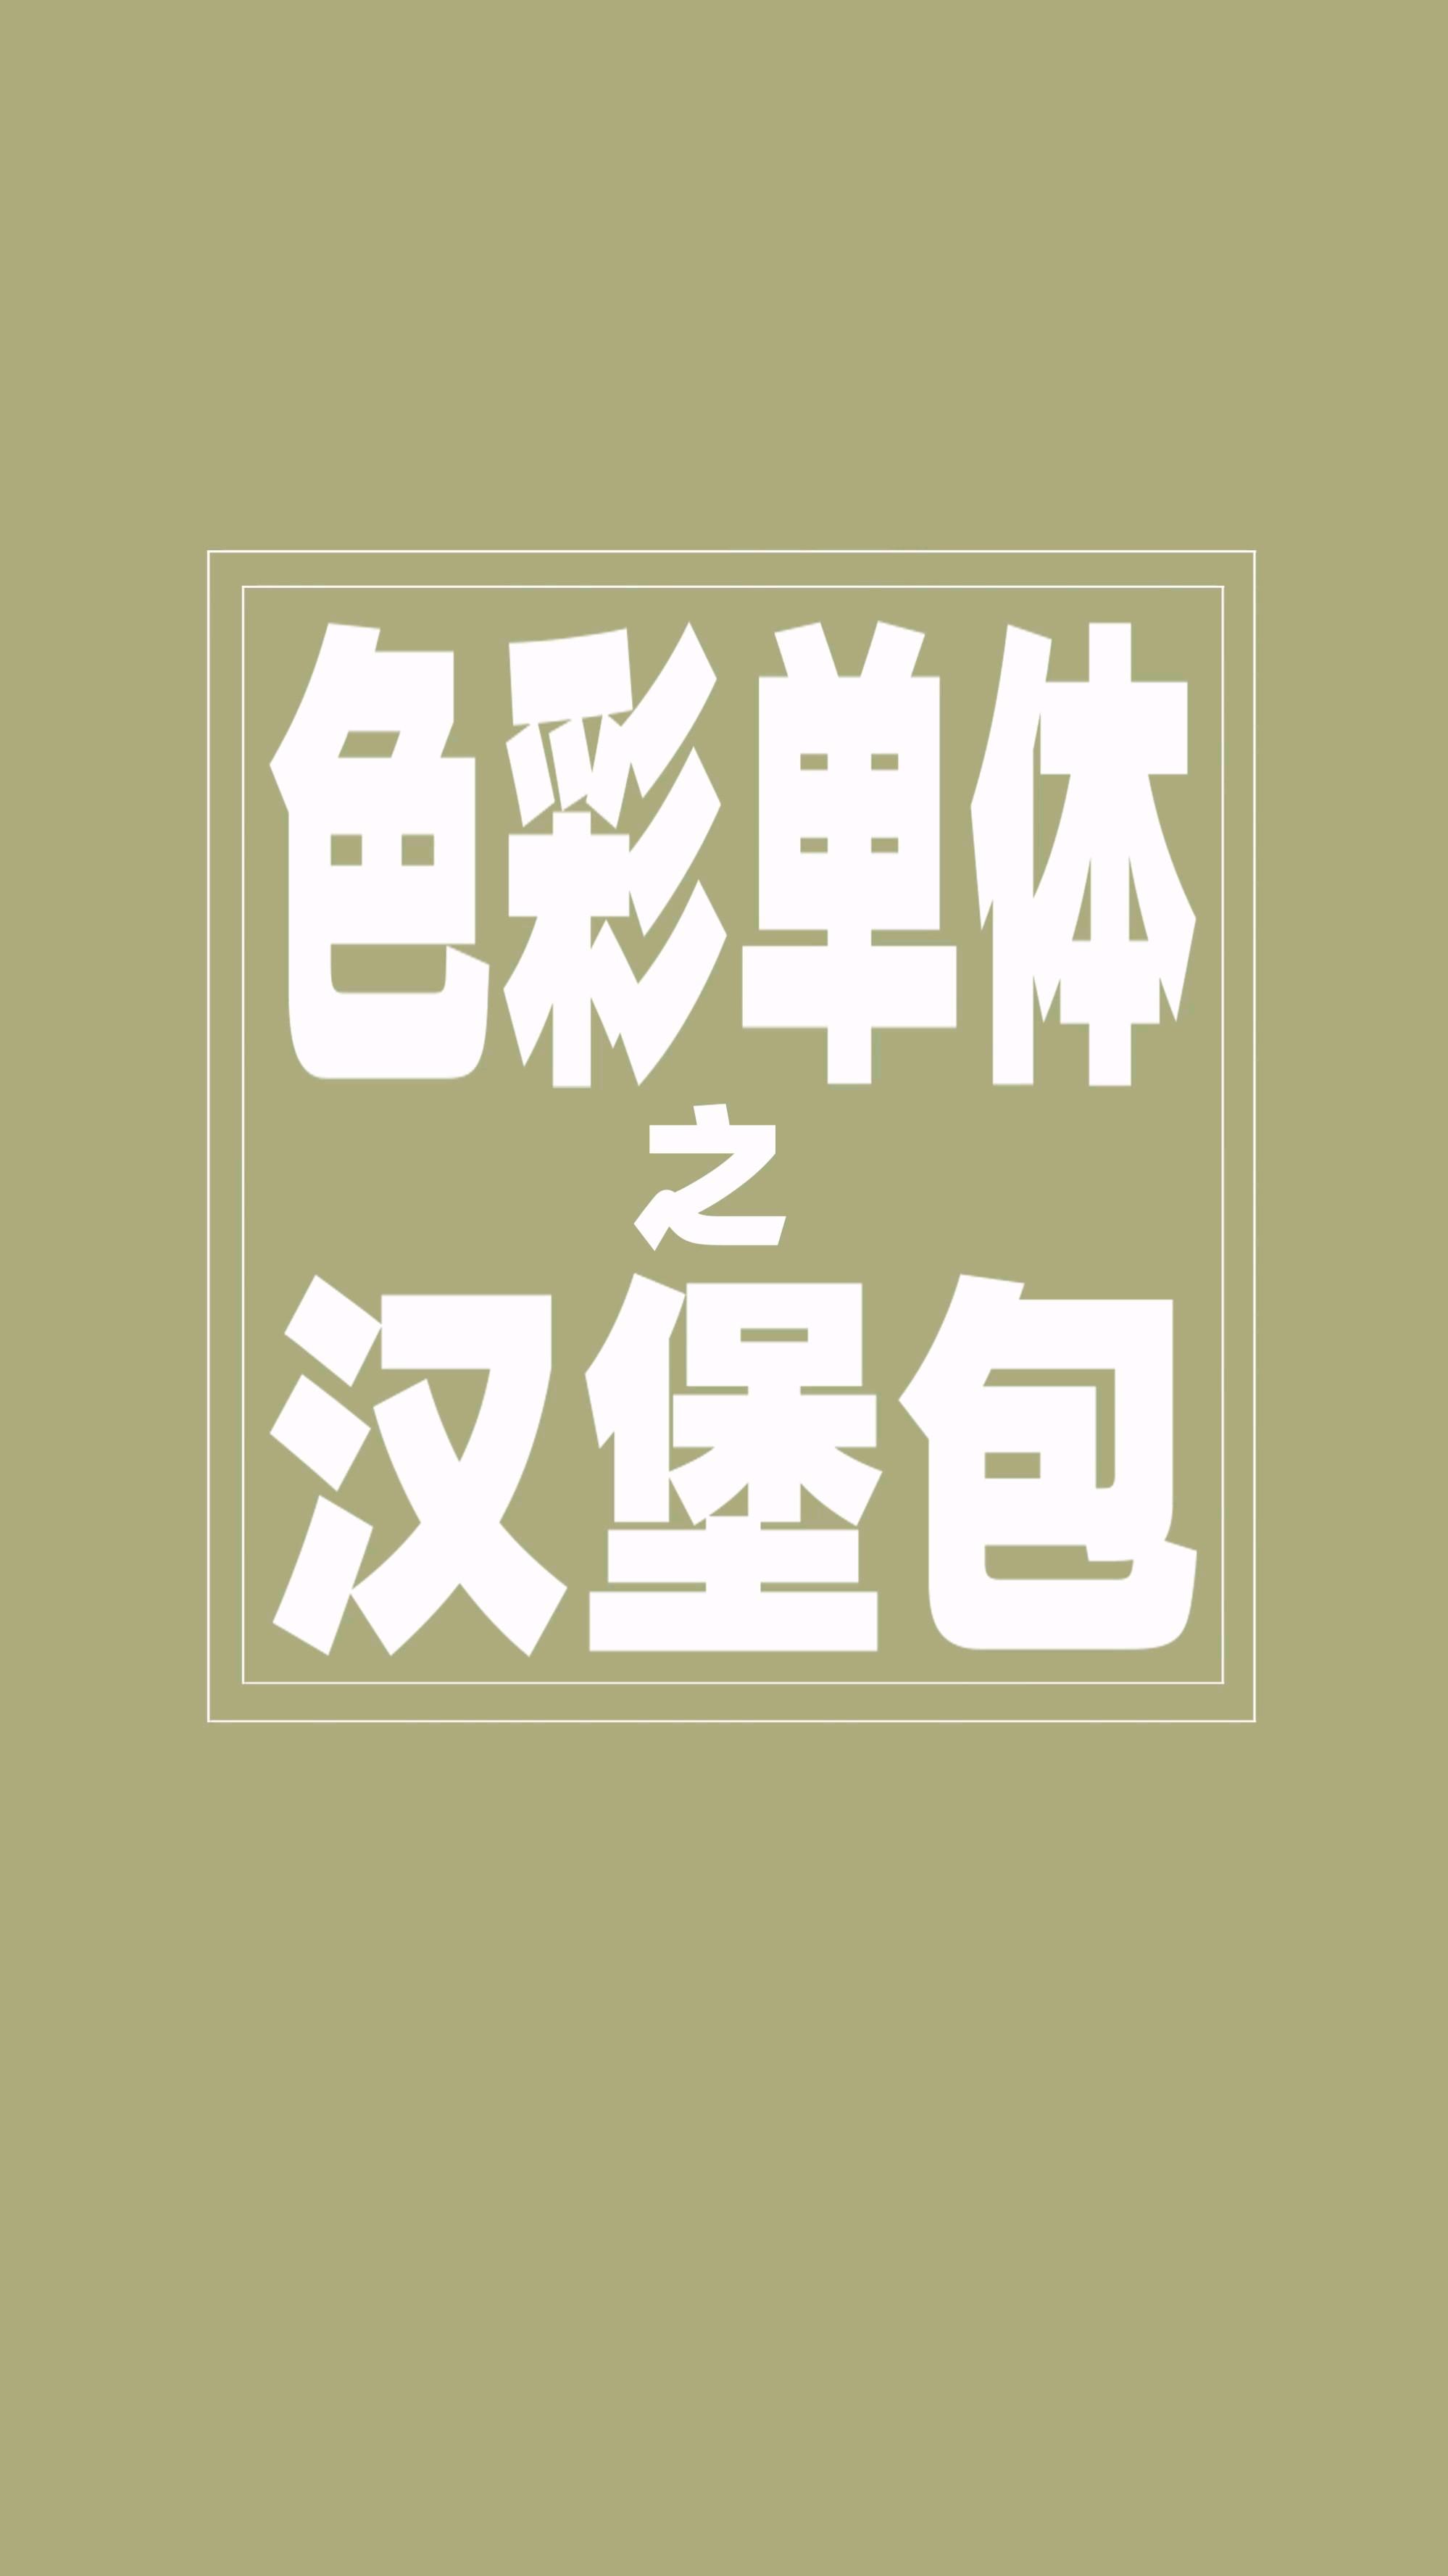 杭州将军画室|来一份汉堡的色彩解析🍔🍔🍔